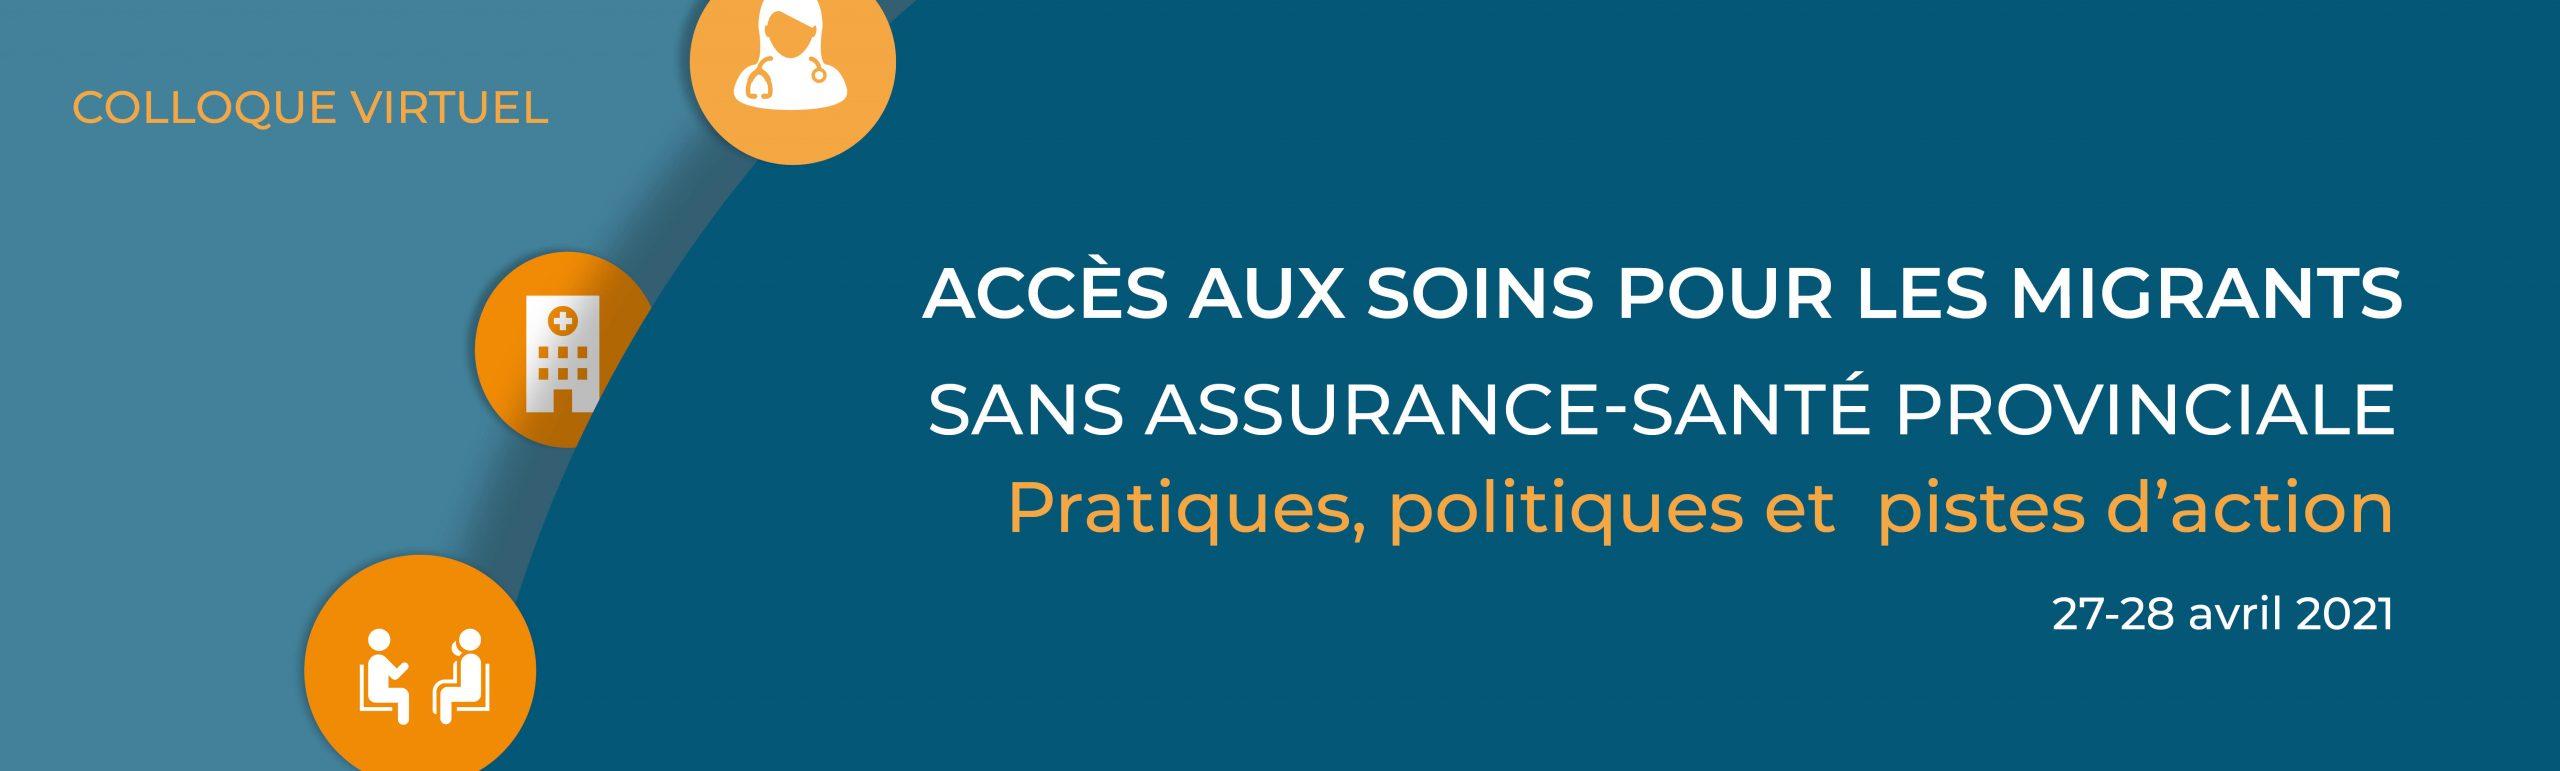 Colloque virtuel. Accès aux soins pour les migrants sans assurance santé provinciale. Pratiques, politiques et pistes d'action